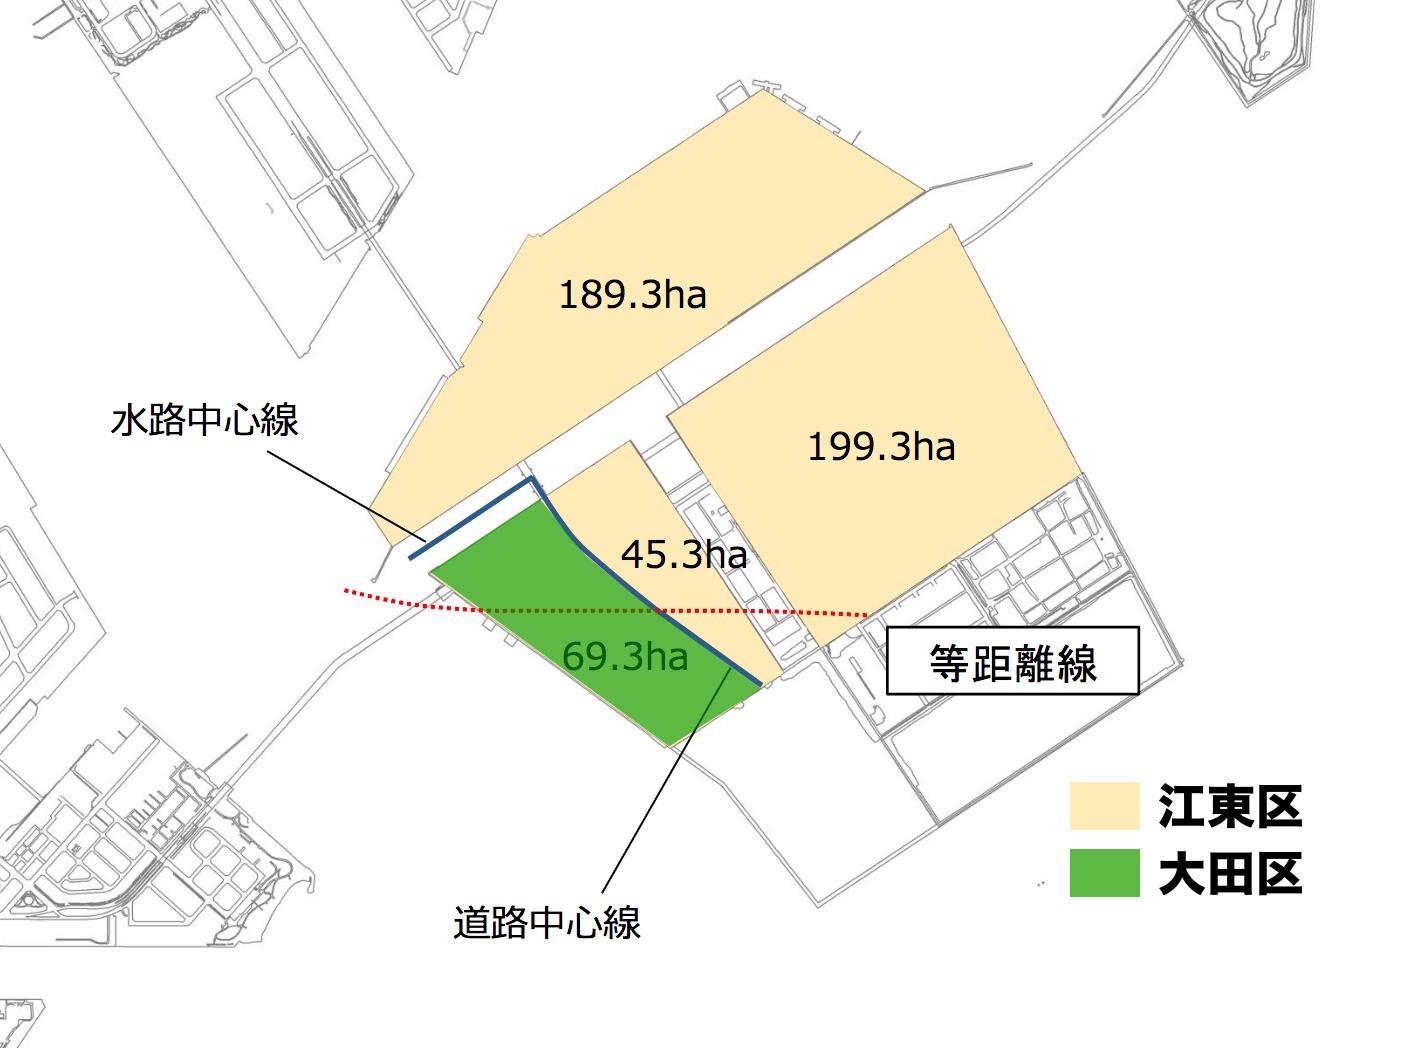 どの区の土地か決まっていなかった中央防波堤埋立地、86.2%が江東区の土地に